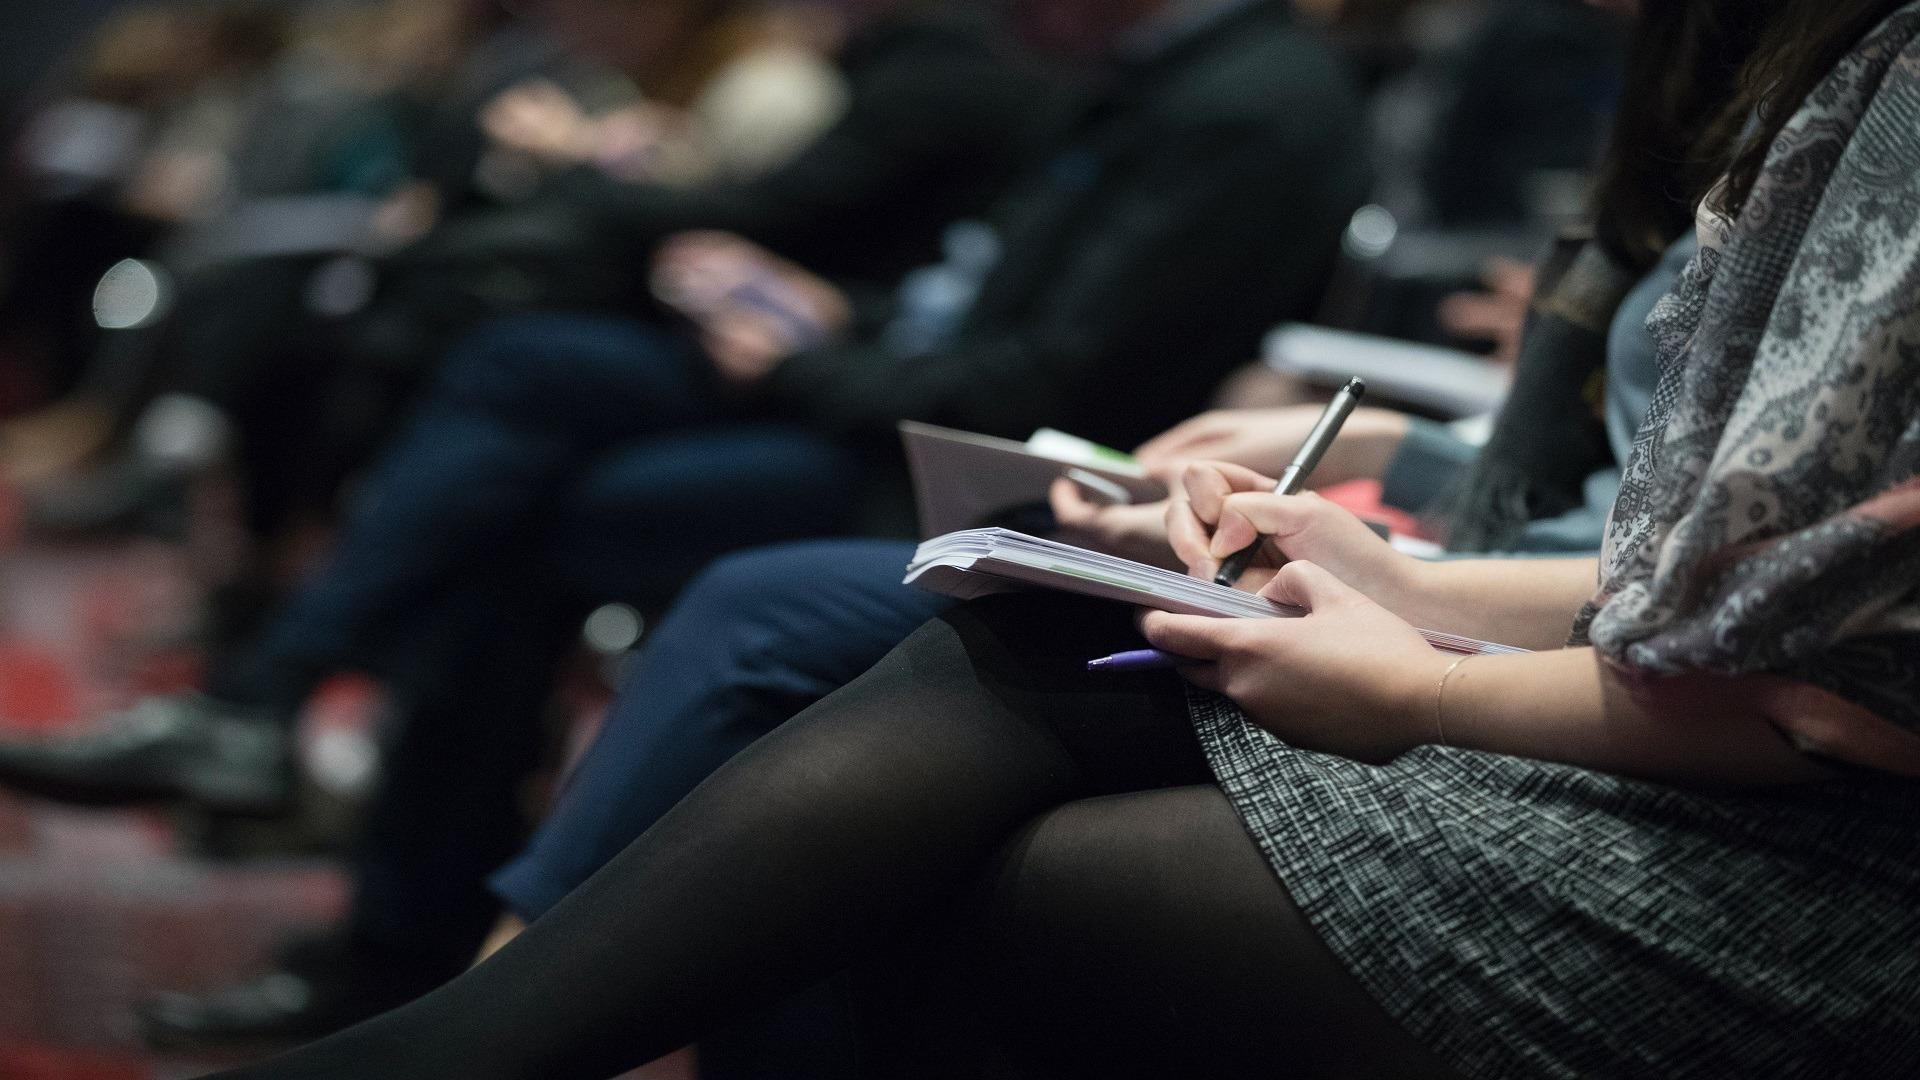 cshark_blog_Top-10-Tech-Meetups-in-Toronto